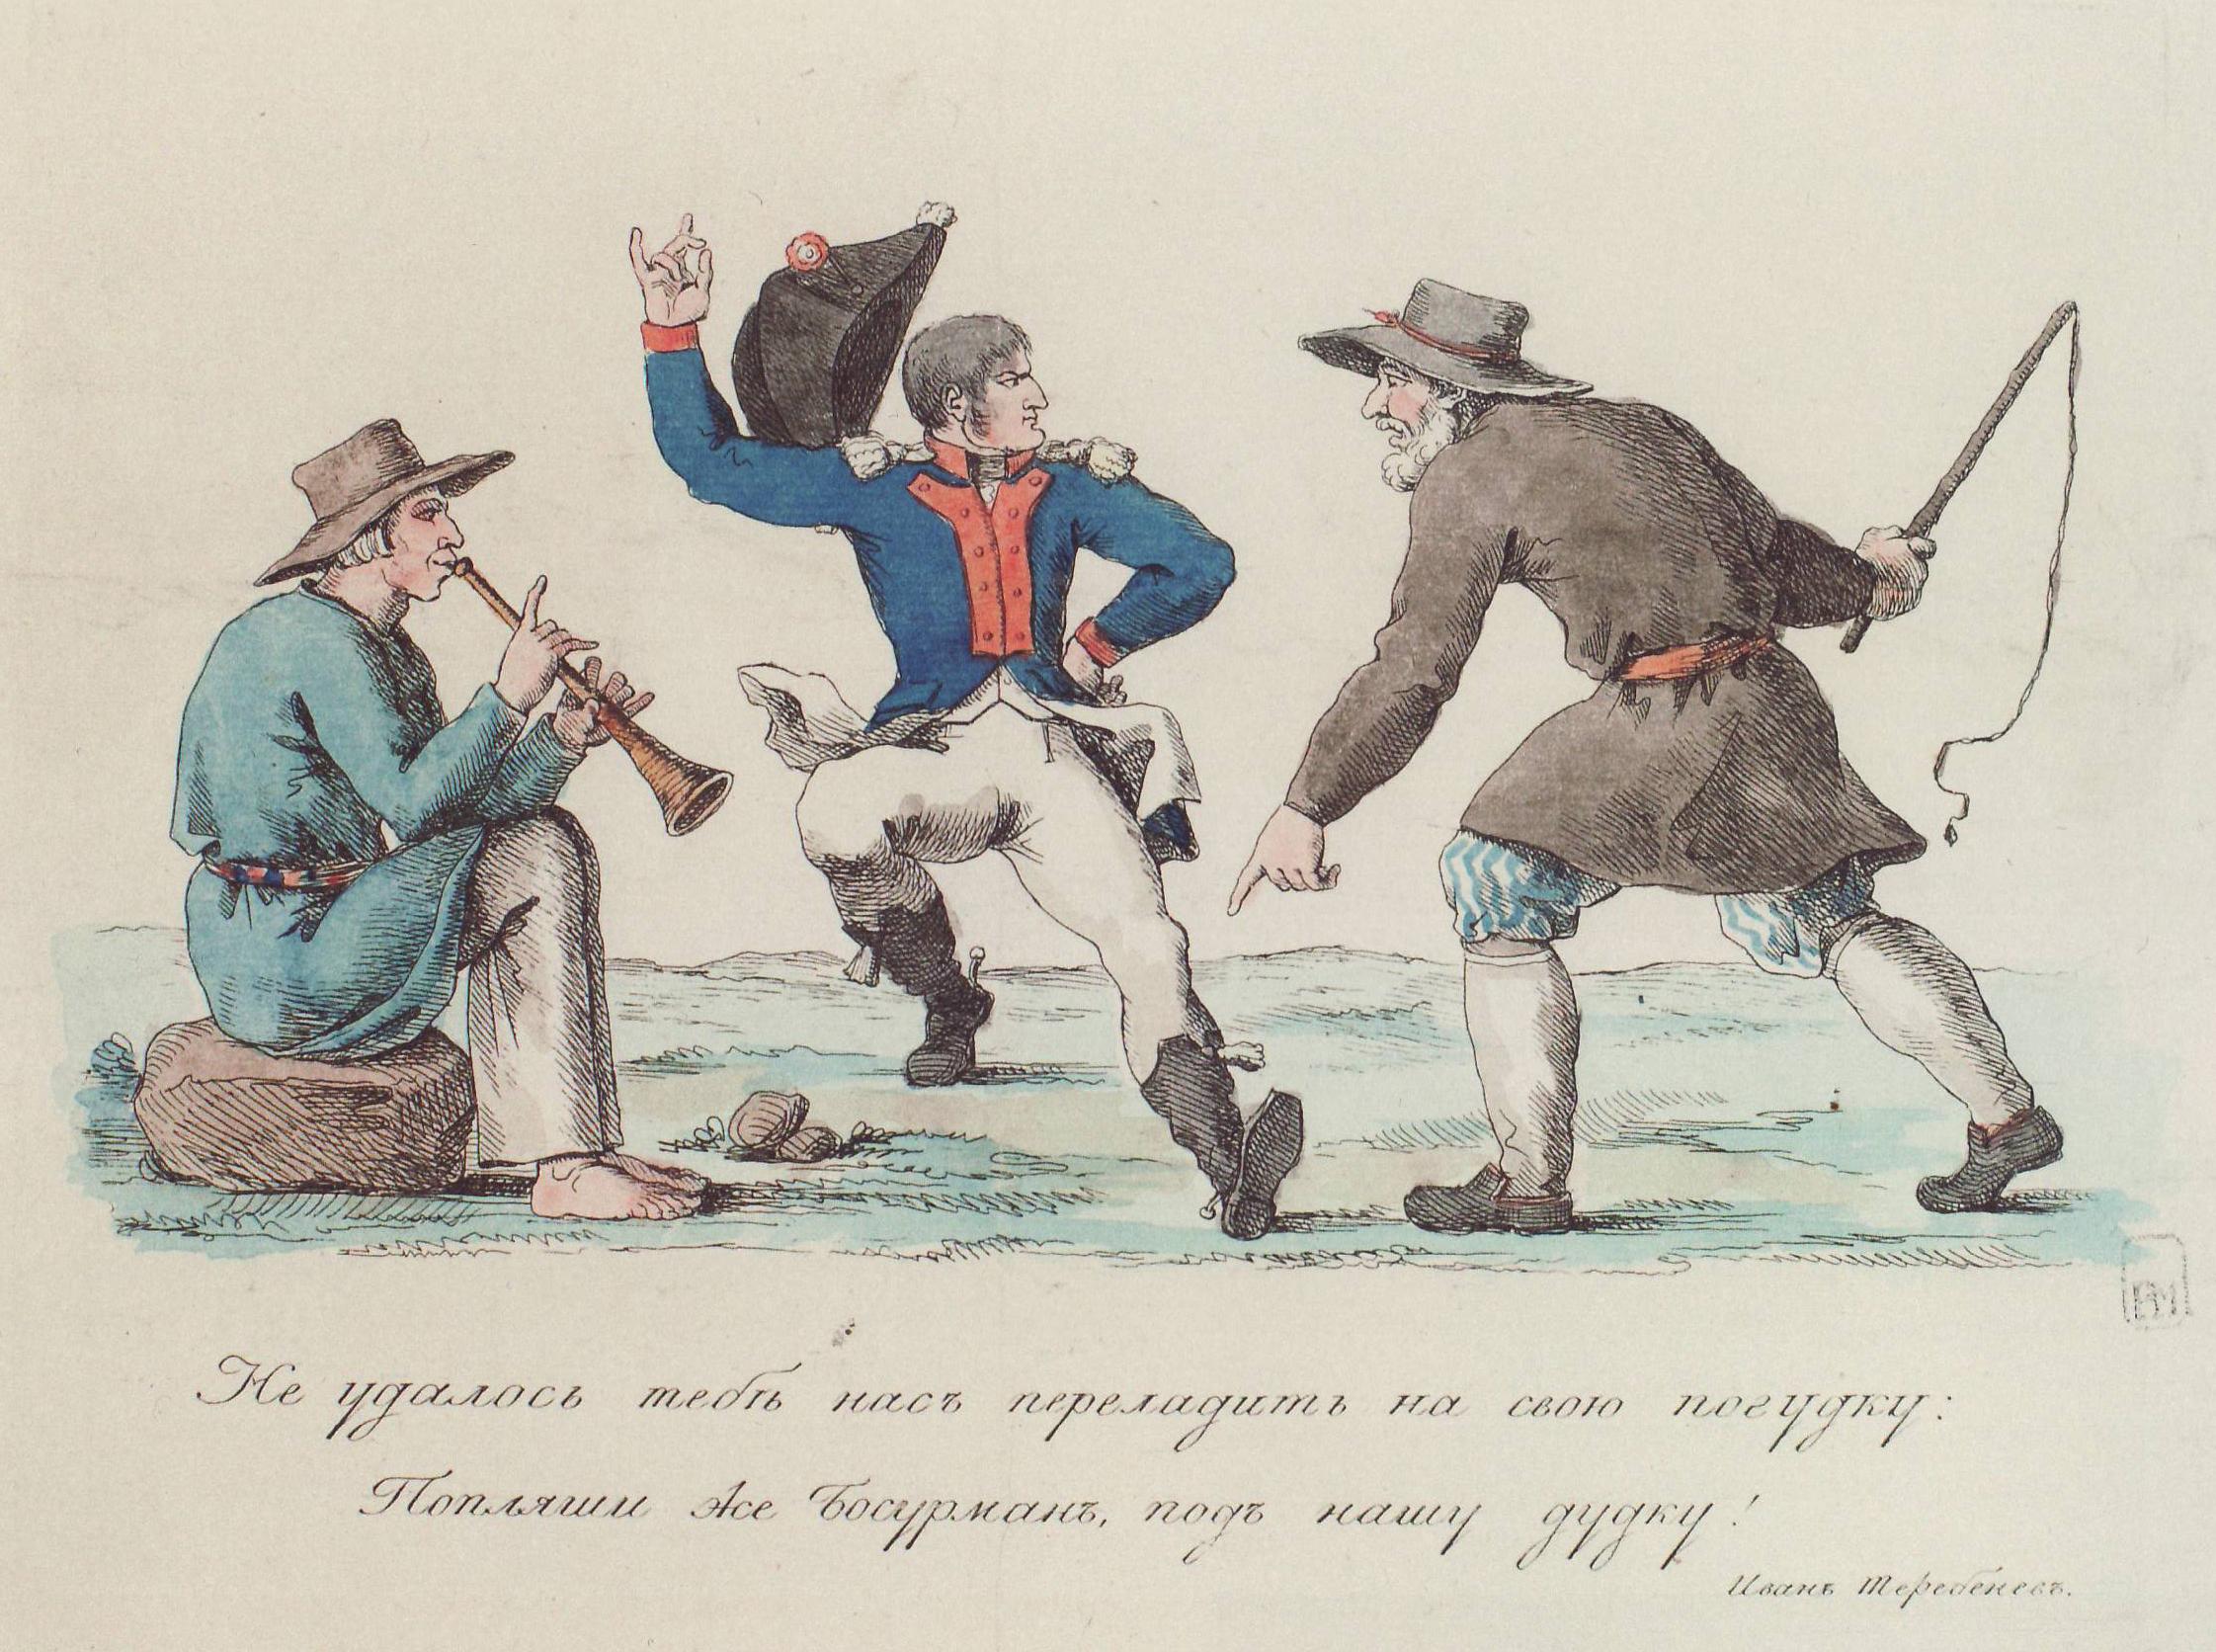 журнал герои войны 1812 года